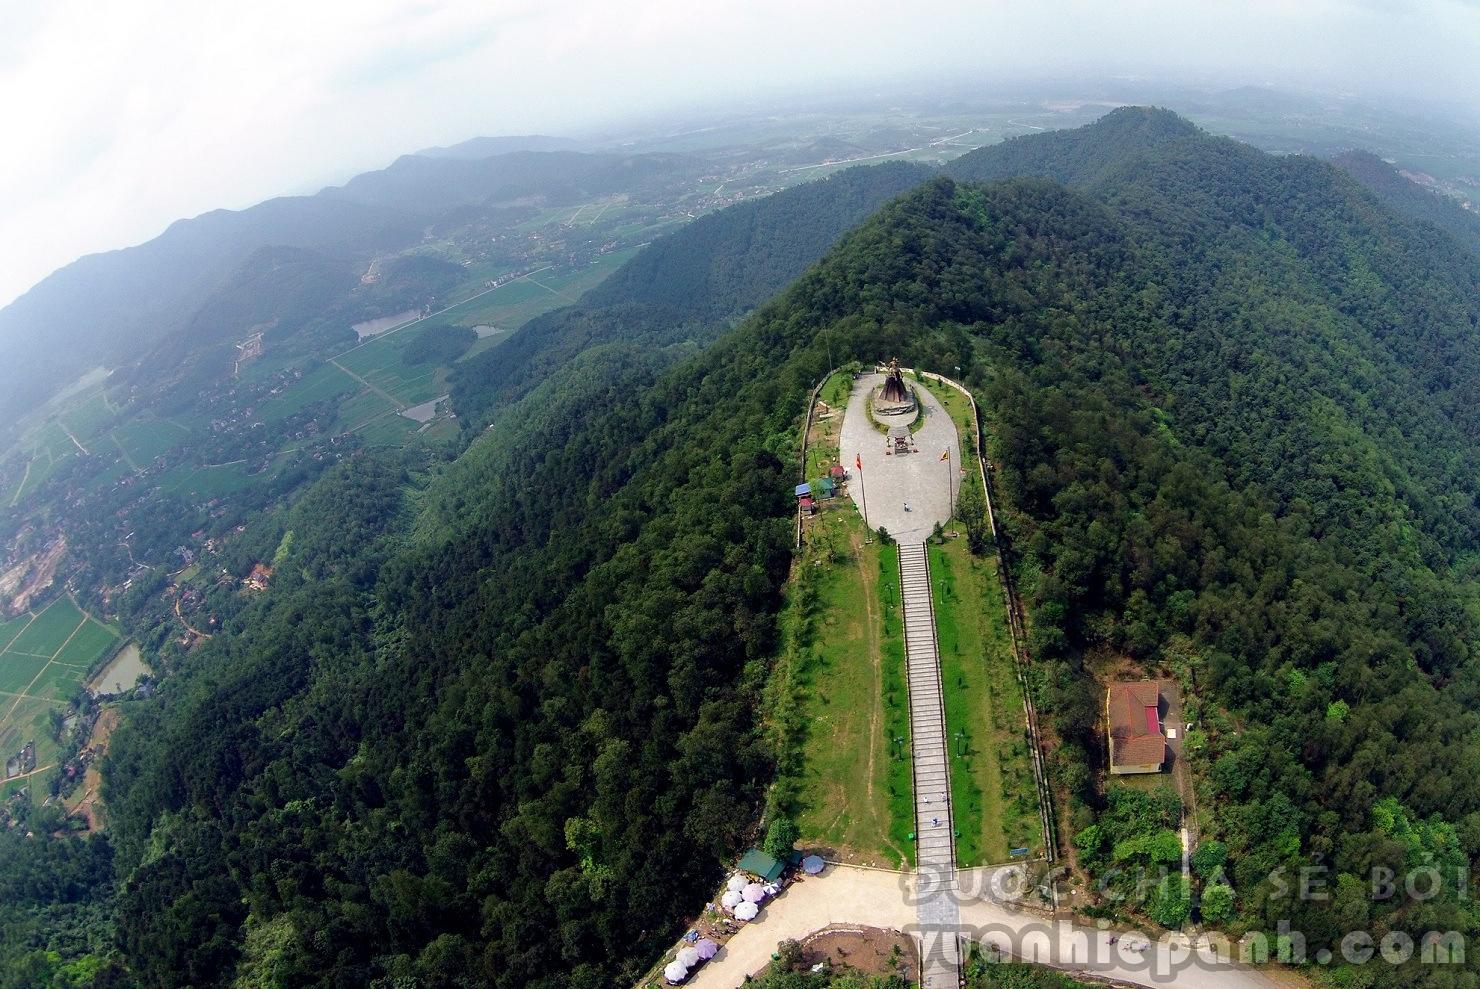 Nơi đây có tượng đài Phù Đổng Thiên Vương khánh thành năm 2010, được đúc bằng đồng nguyên khối theo phương pháp thủ công, nặng hơn 85 tấn, cao 15m với độ vươn xa 16m.